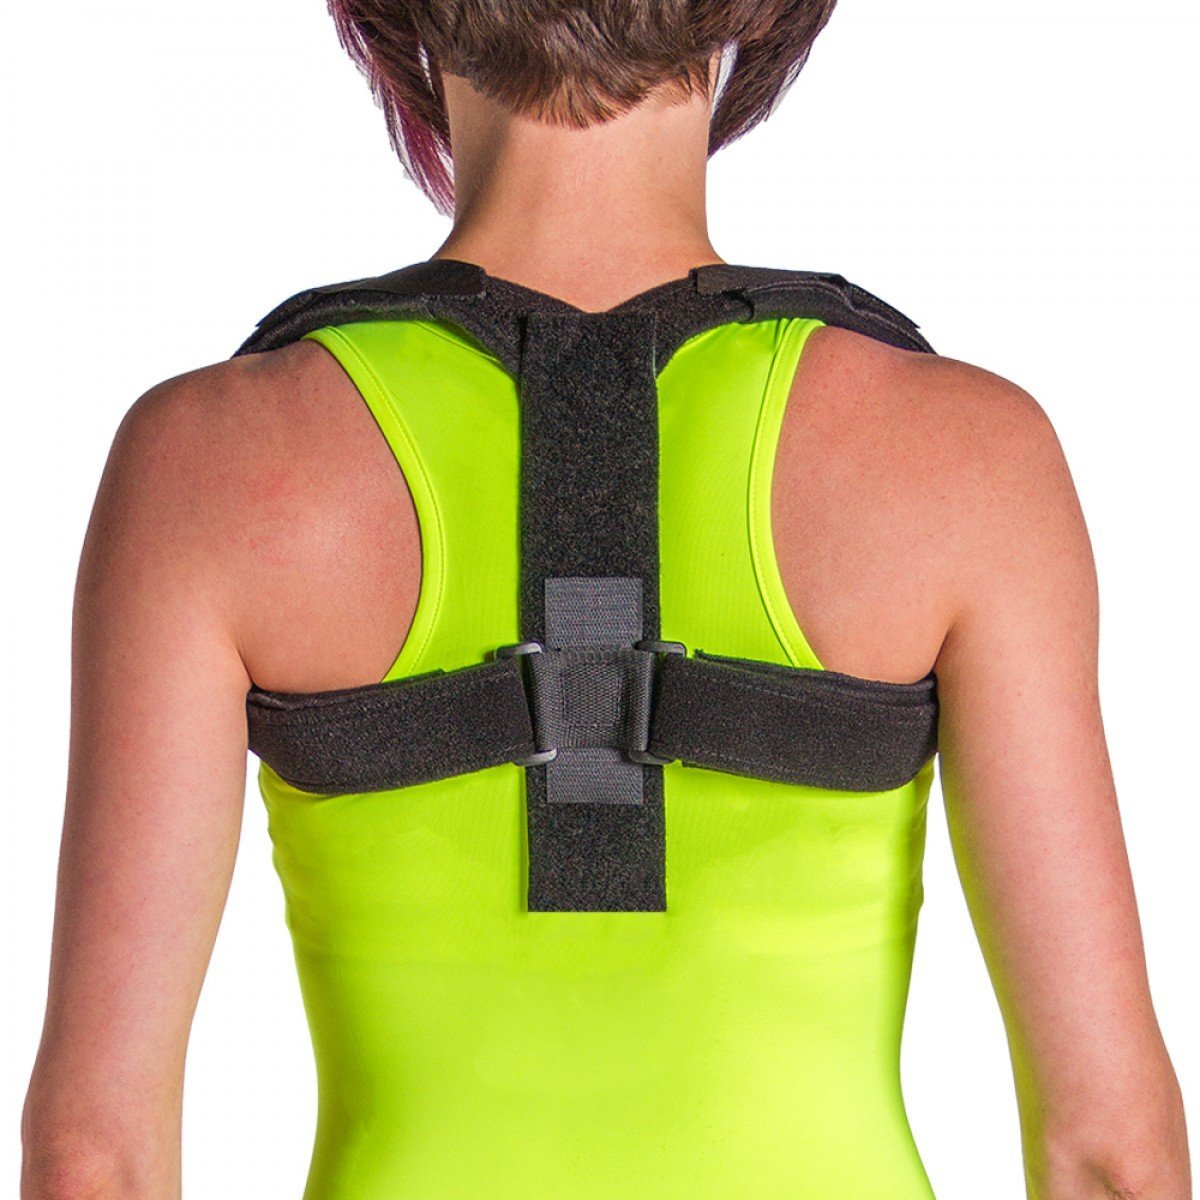 Buy Braceability Posture Corrector Brace Upper Back Straightener Support For Women Men Forward Head